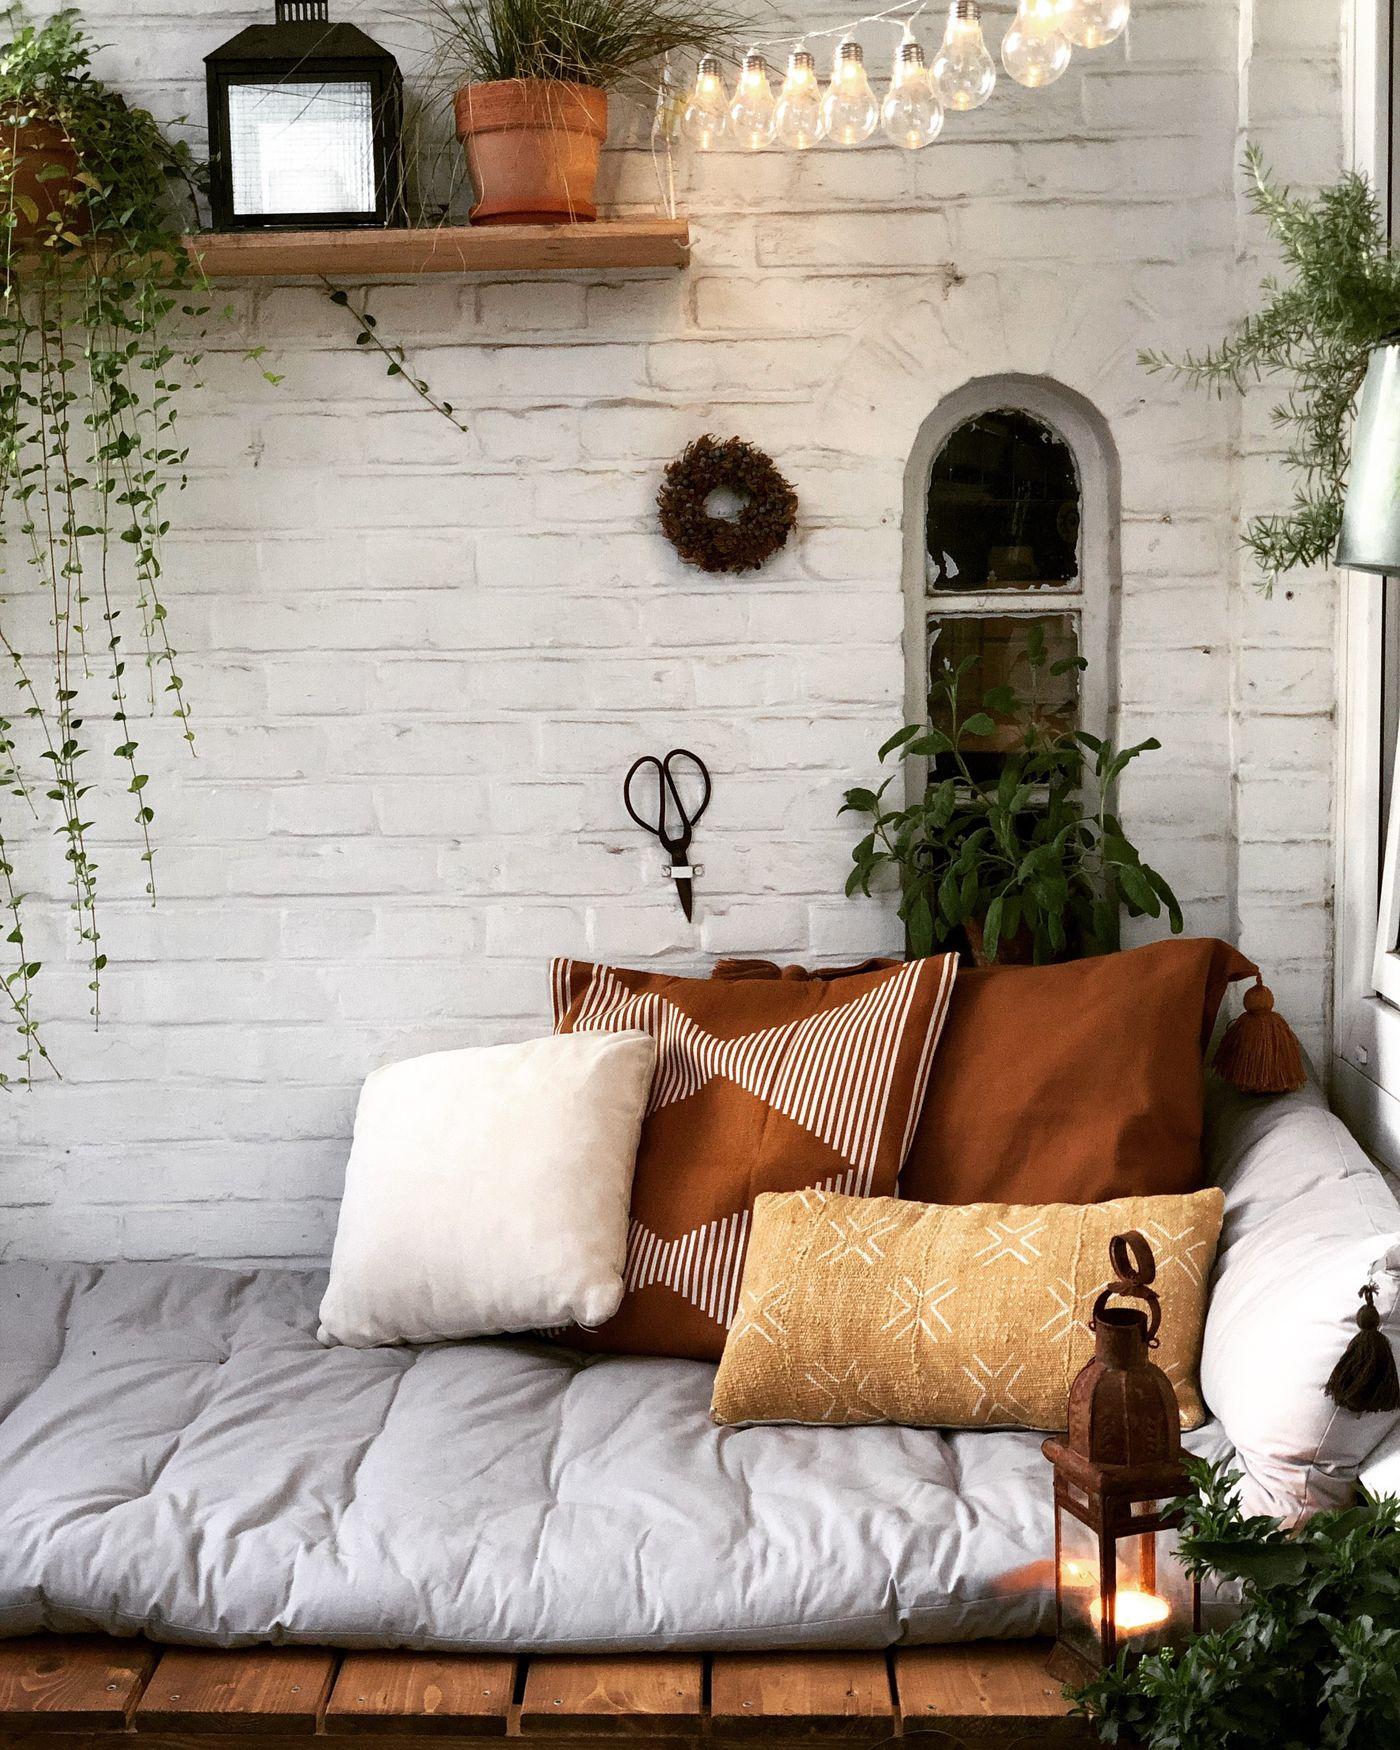 schöne ideen für deinen balkon, dein sommerwohnzimmer! - seite 28